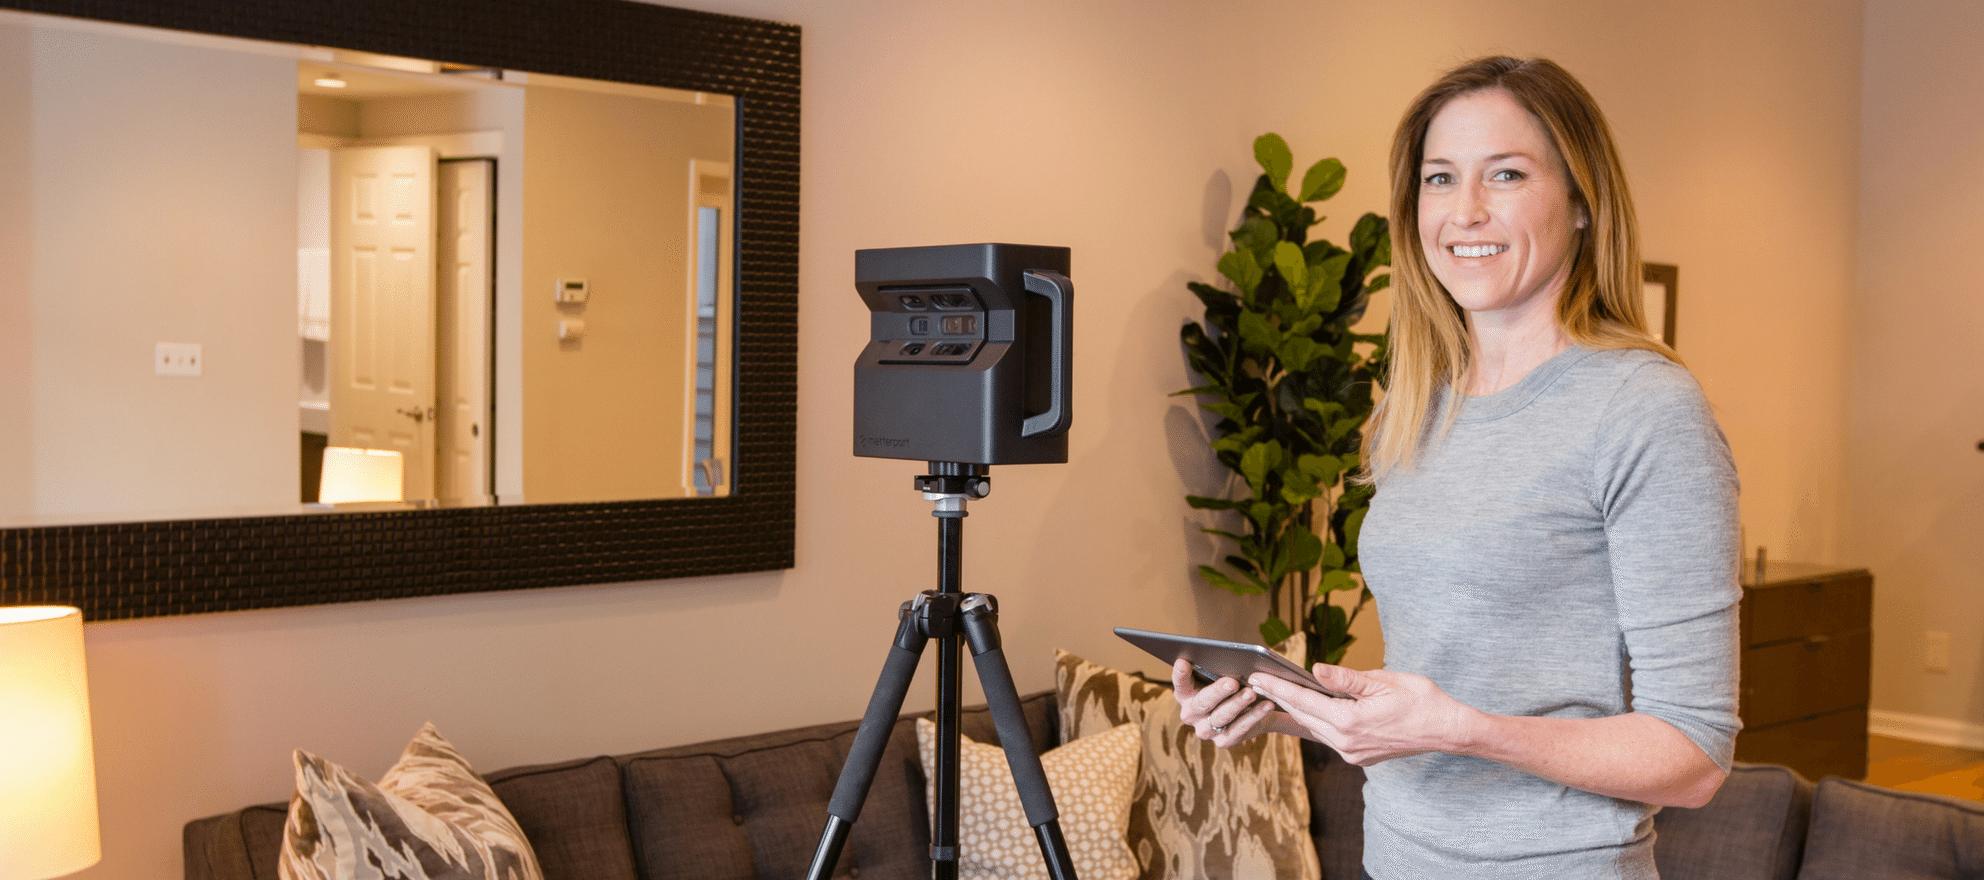 new matterport 3-d camera 2-d capability